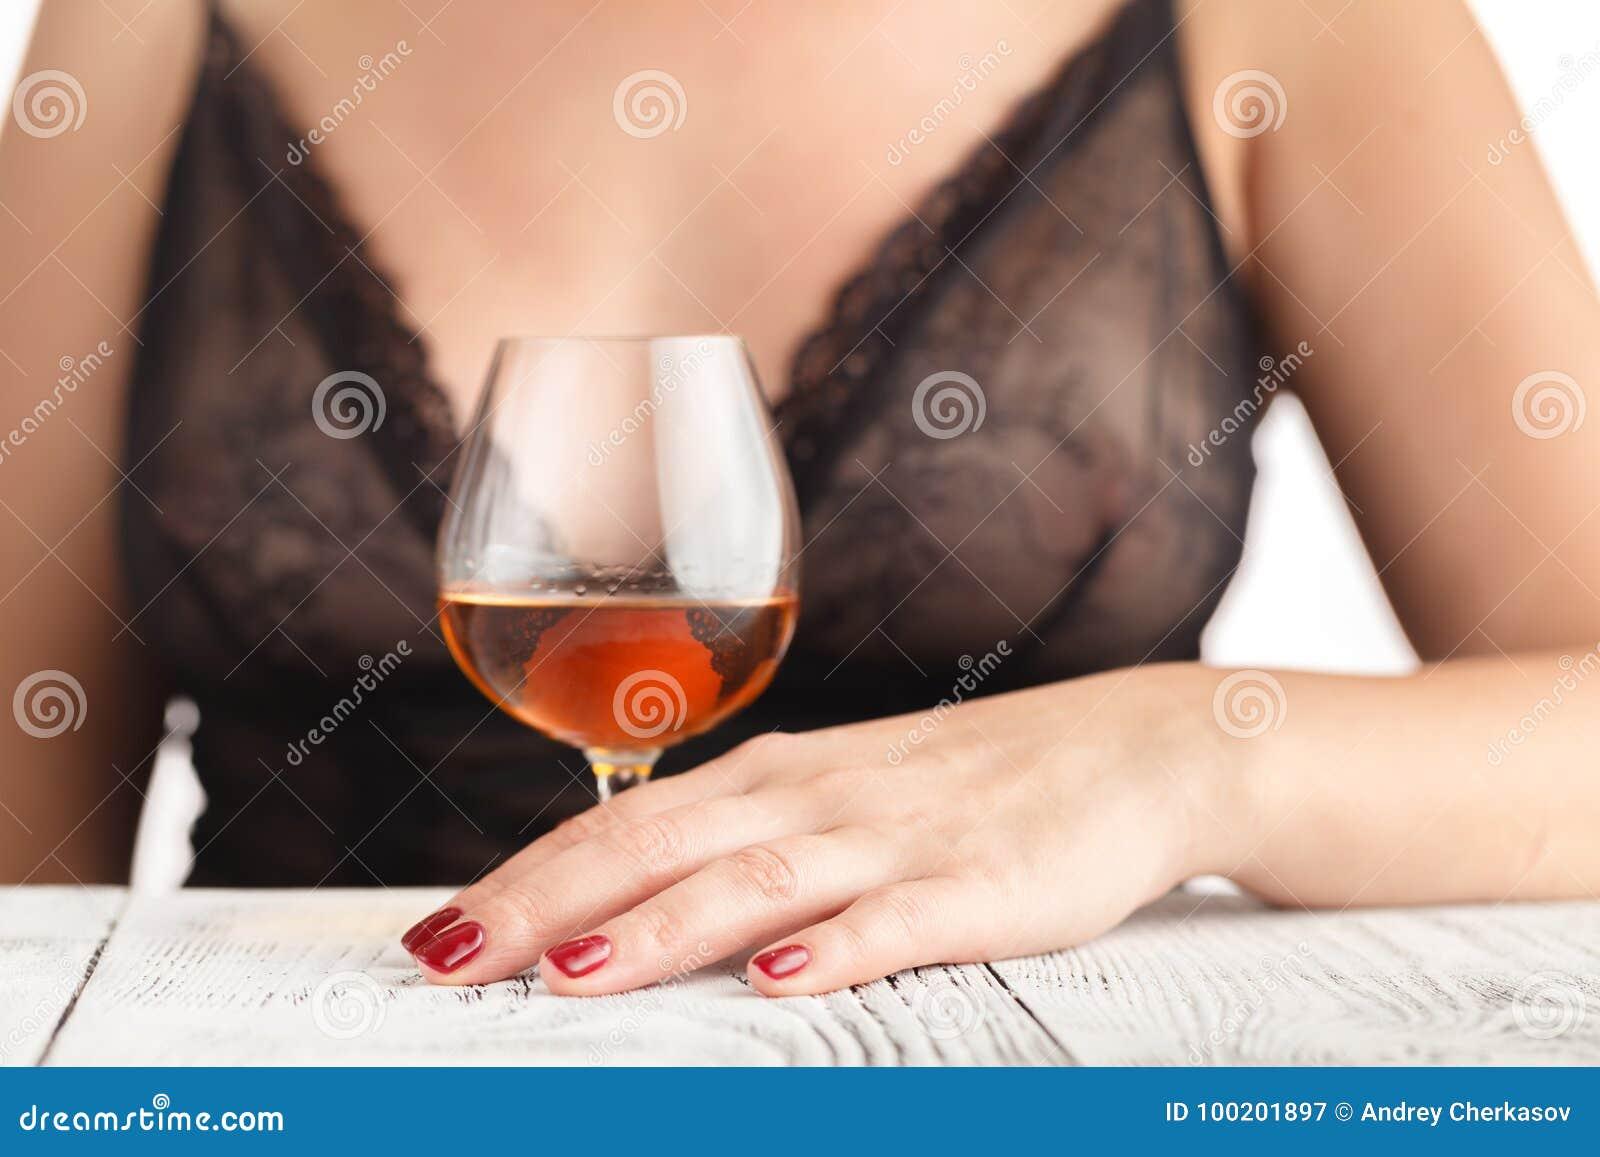 Девушка кончает и вы выпивает это видео